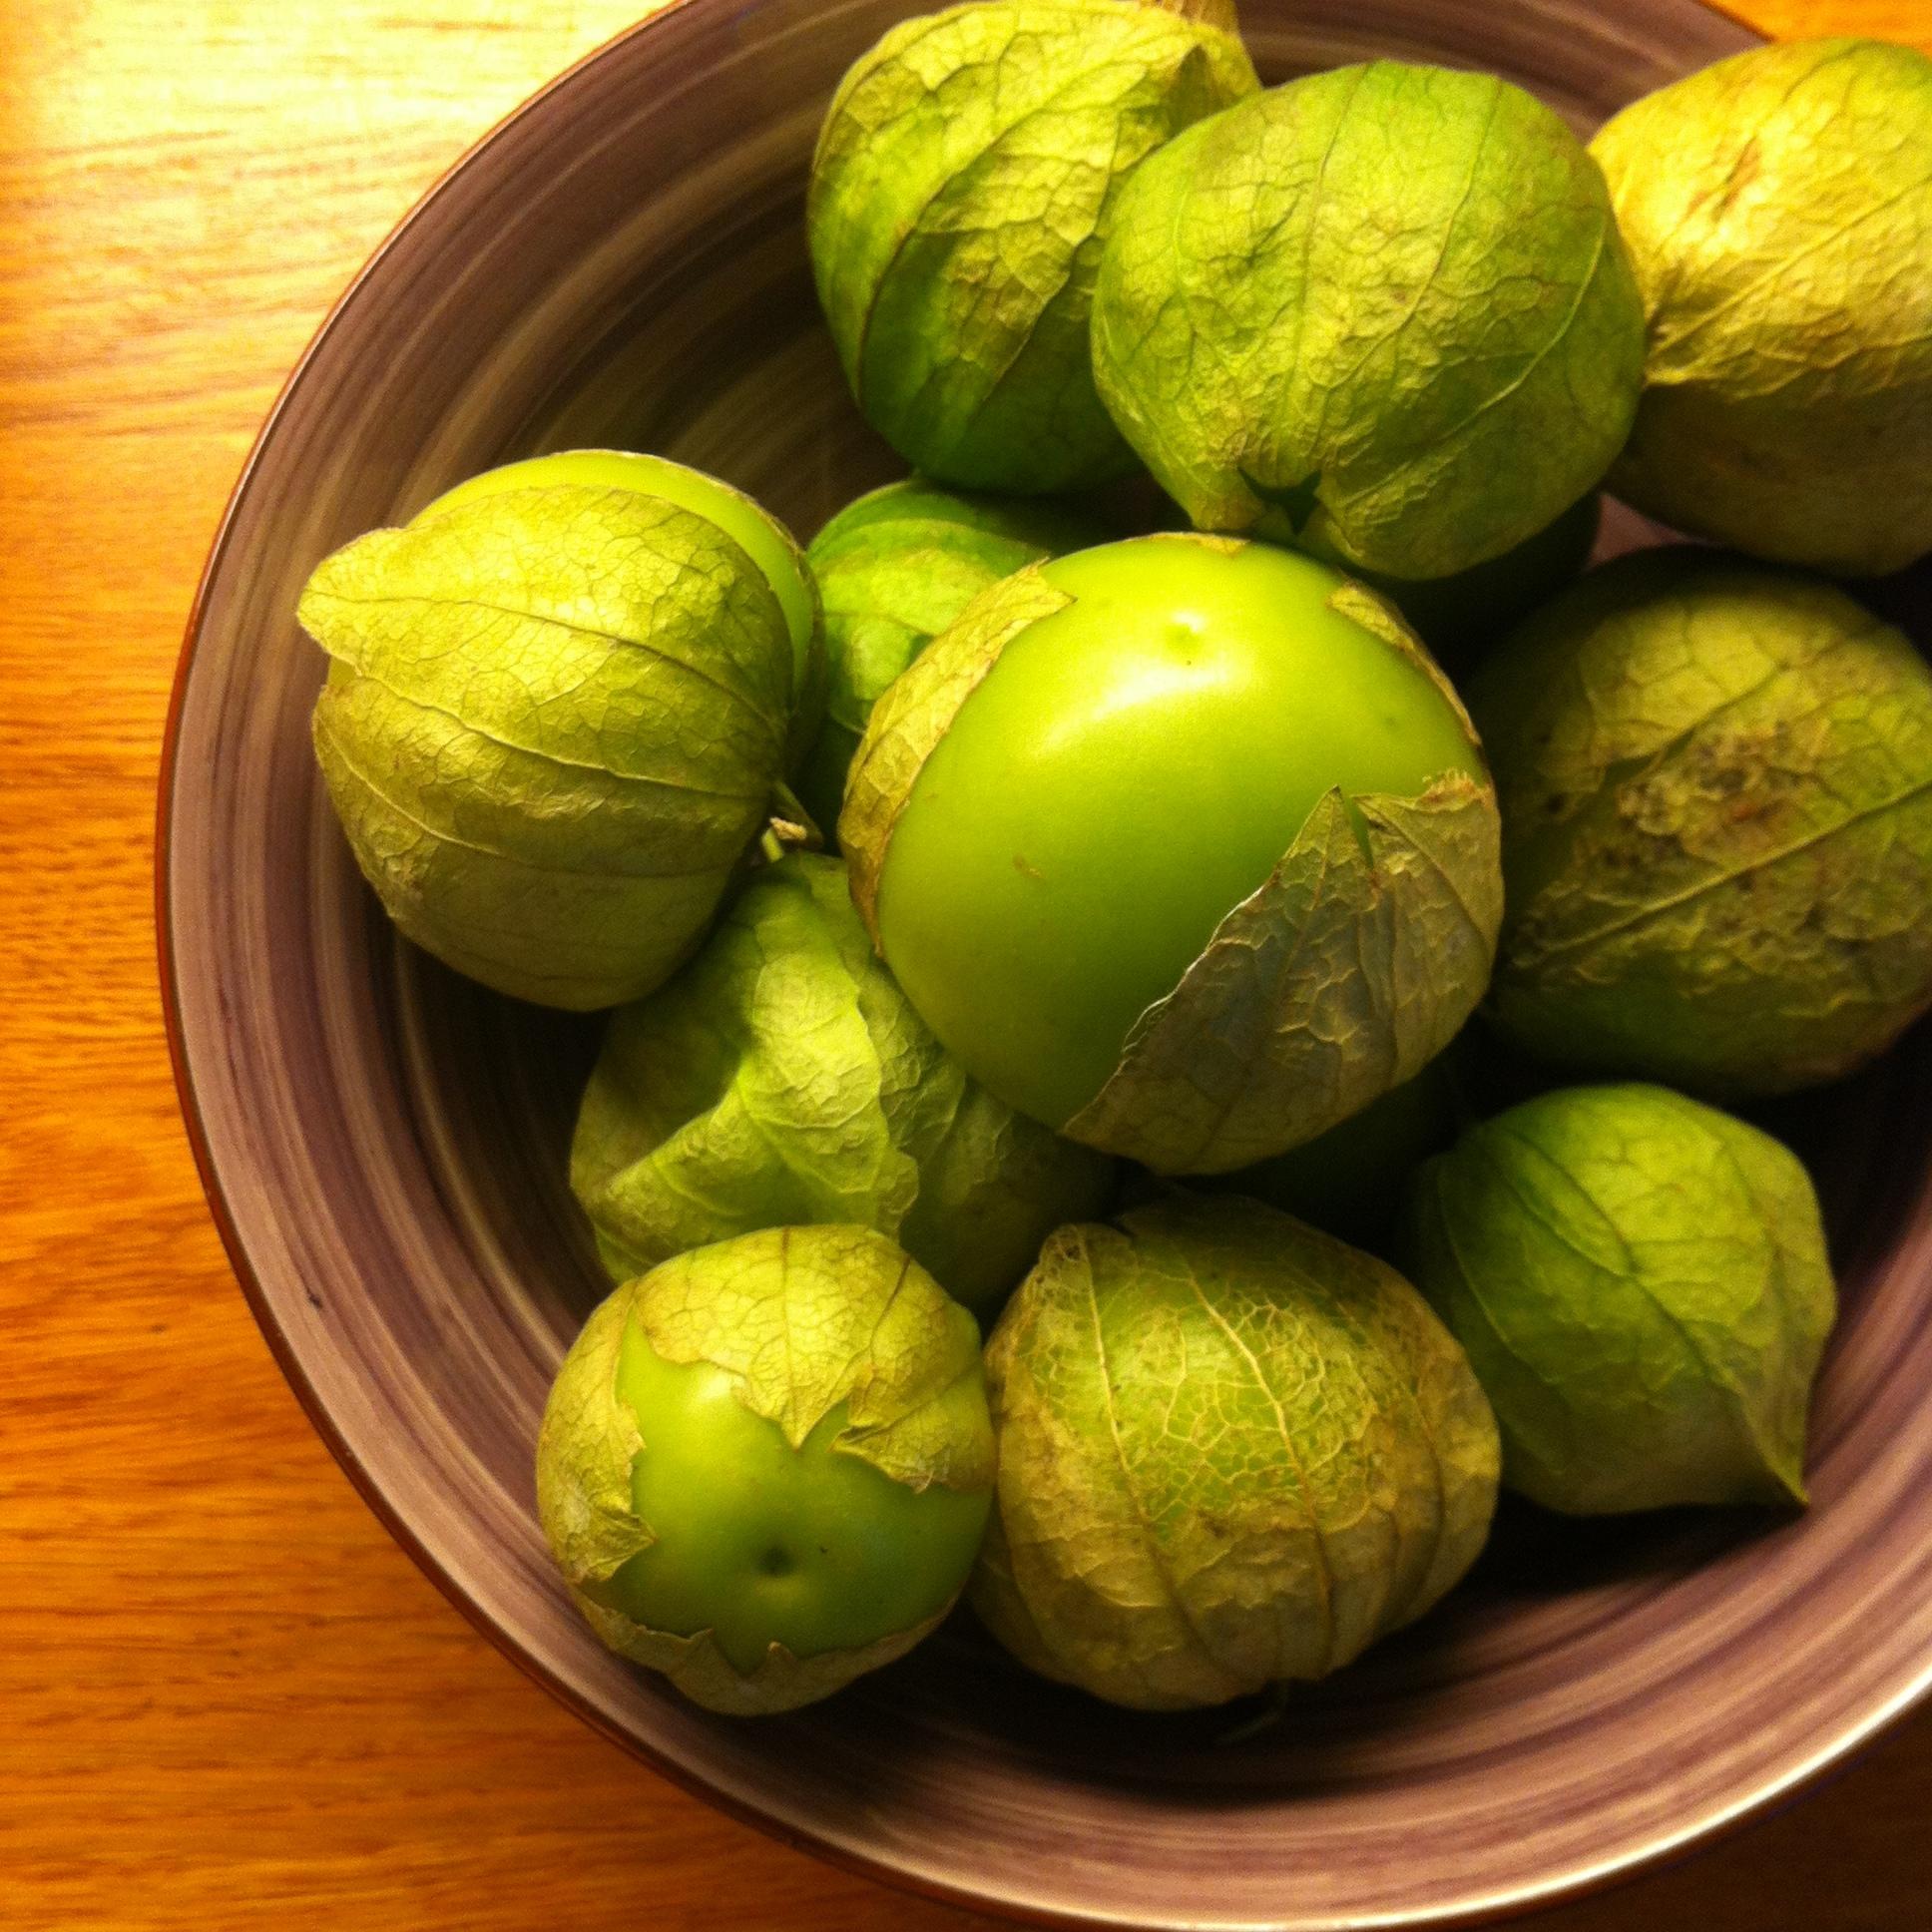 Hibiscus Dinners produkter: tomatillos for å lage meksikansk salsa verde